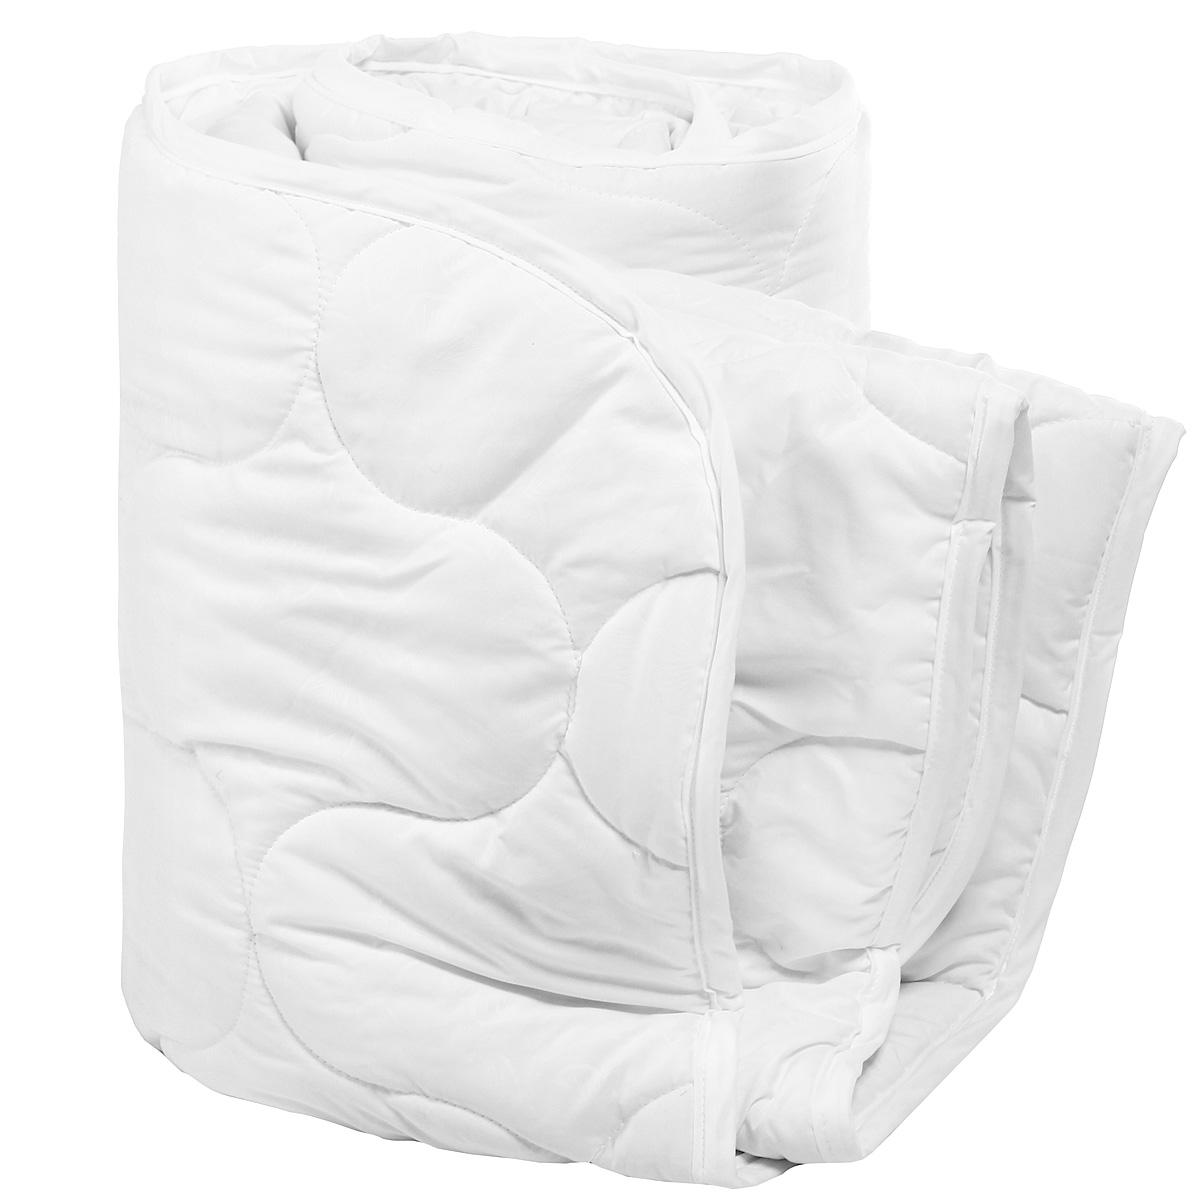 Одеяло Verossa Green Line, наполнитель: бамбуковое волокно, 200 х 220 см165991При изготовлении одеяла Verossa Green Line применяется ткань нового поколения из микрофиламентных нитей Ultratex. Одеяло не требует специального ухода, быстро сохнет после стирки и практически не мнется.Наполнитель из натуральных бамбуковых волокон. Пористая структура бамбукового волокна обеспечивает отличные условия для циркуляции воздуха и впитывания влаги.Преимущества одеяла Verossa Green Line: идеальный комфортный сон; антибактериальная защита; оптимальная терморегуляция. Характеристики:Материал чехла: 100% полиэстер (Ultratex). Наполнитель: 50 % бамбуковое волокно, 50% полиэстер. Цвет: белый. Масса наполнителя: 300 г/м2. Размер одеяла: 200 см х 220 см. Размер упаковки:58 см х 25 см х 43 см. Артикул: 165991.